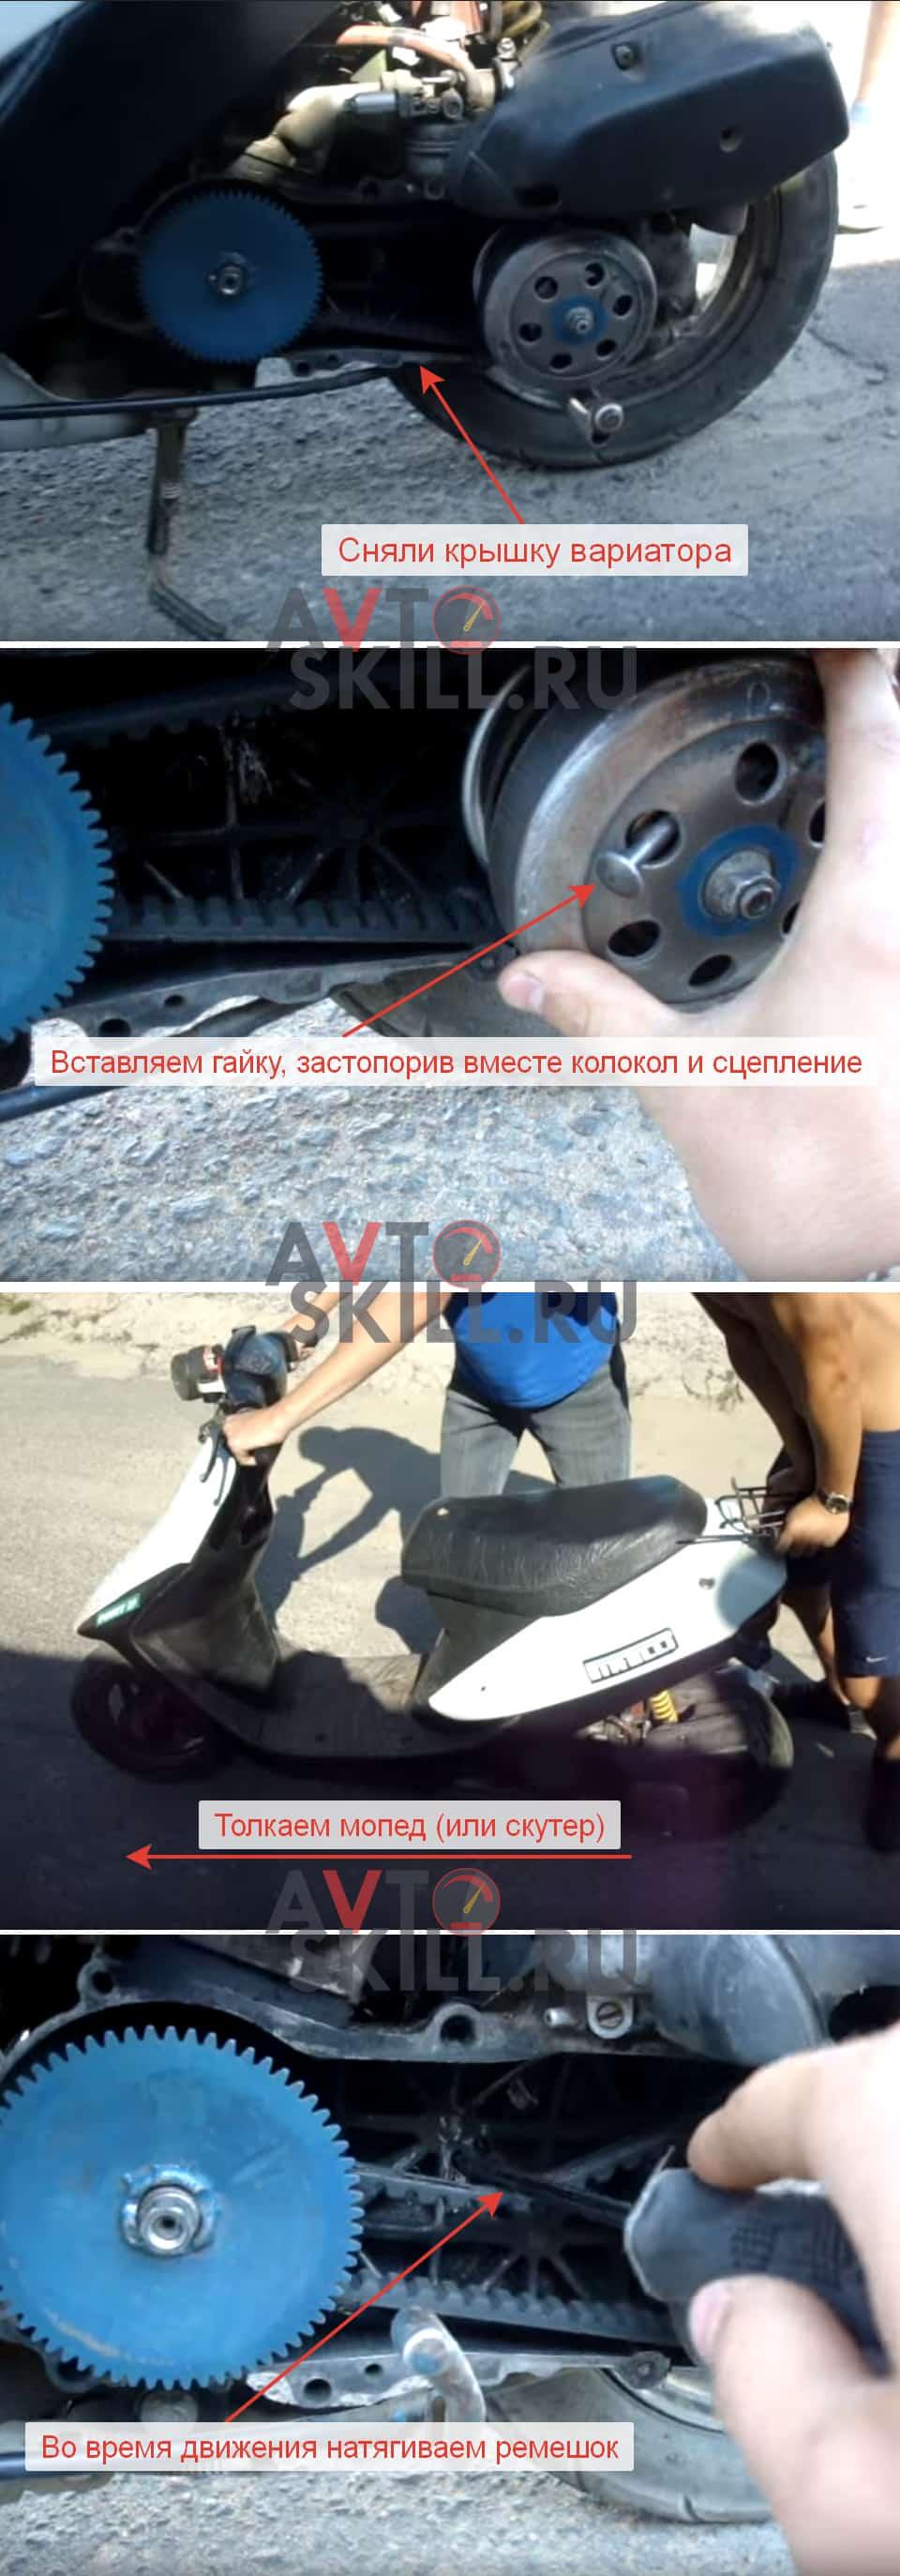 Как завести мопед с толкача | Как завести мопед (или скутер) без ключа зажигания